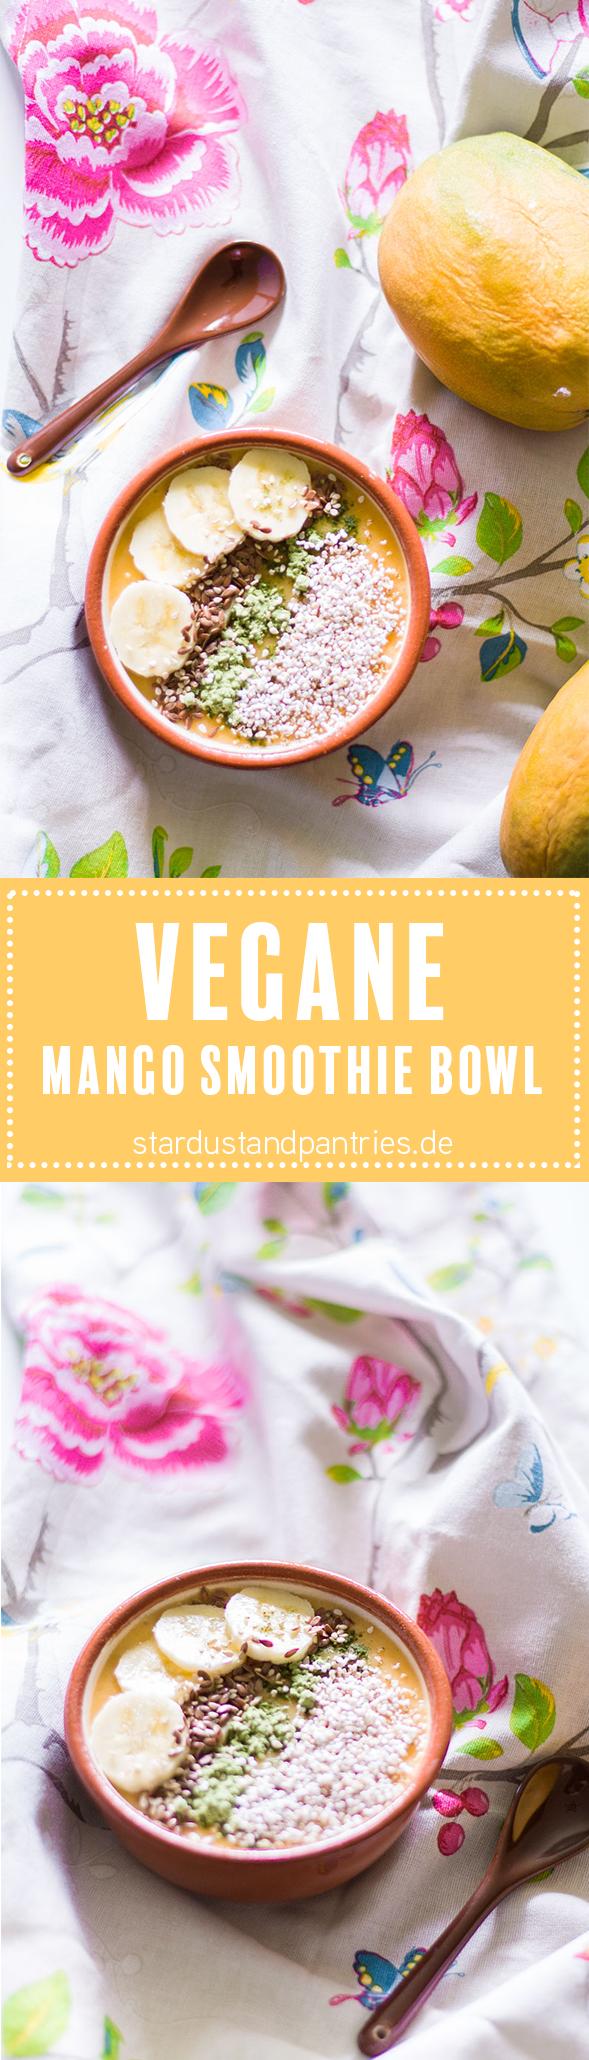 Vegane Mango Smoothie Bowl mit Amaranth und Weizengrass - ein gesundes und sättigendes Frühstück. Eine Rezeptkarte gibt es auf dem Blog zum download!